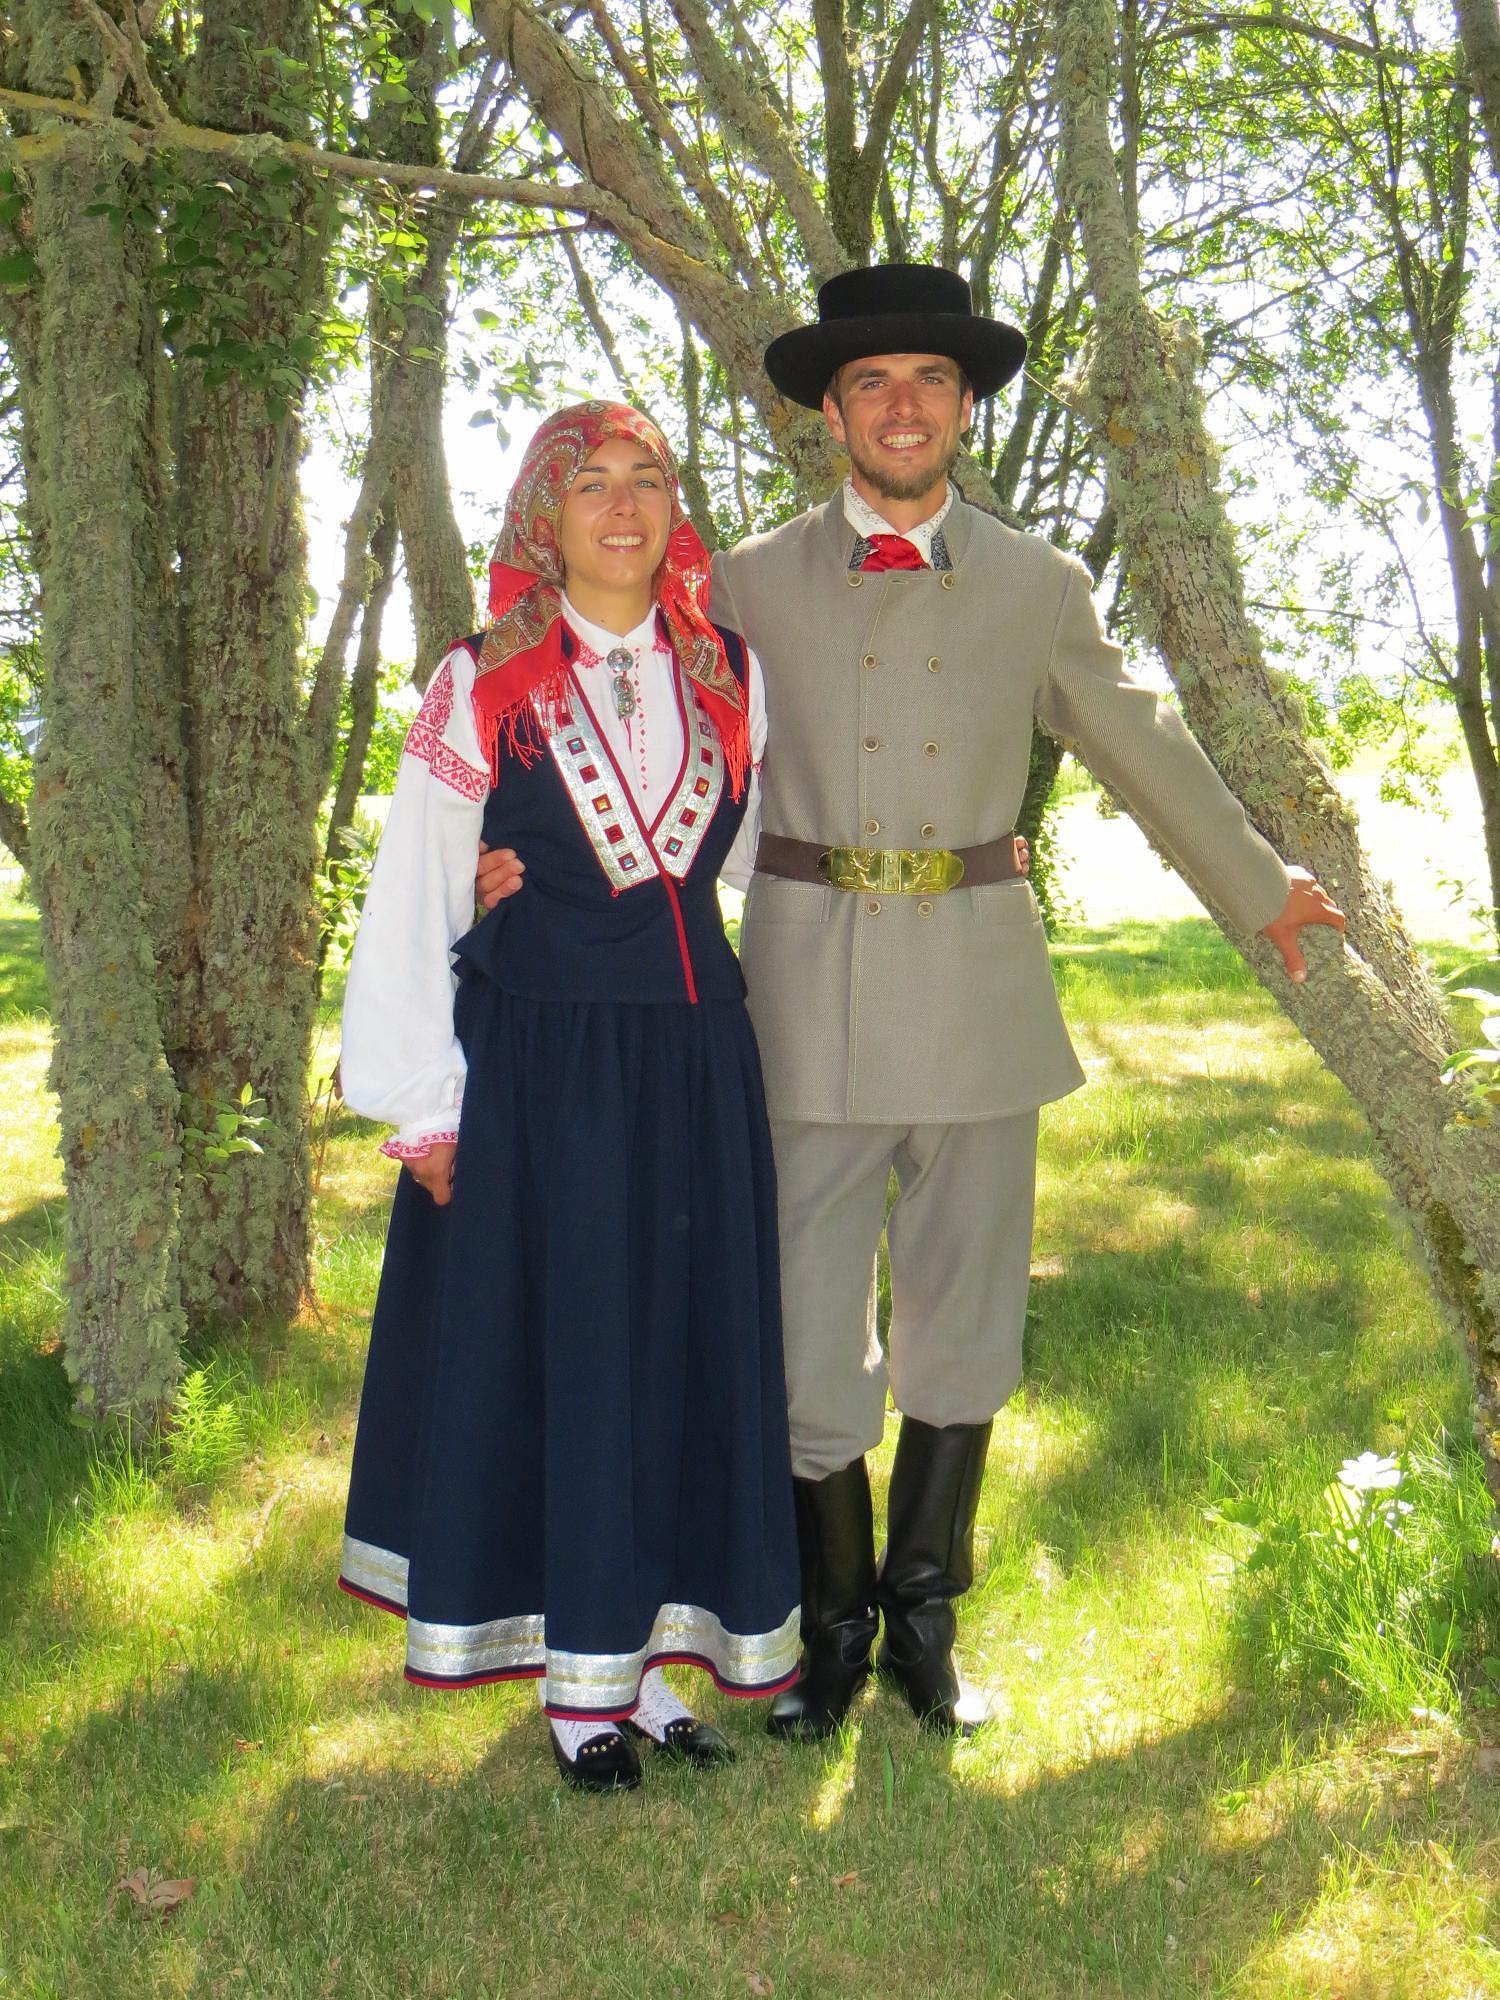 Liepājas muzeja Kurzemes tautastērpu informācijas centrā aicina uz sarunu un šujmašīnu prezentāciju